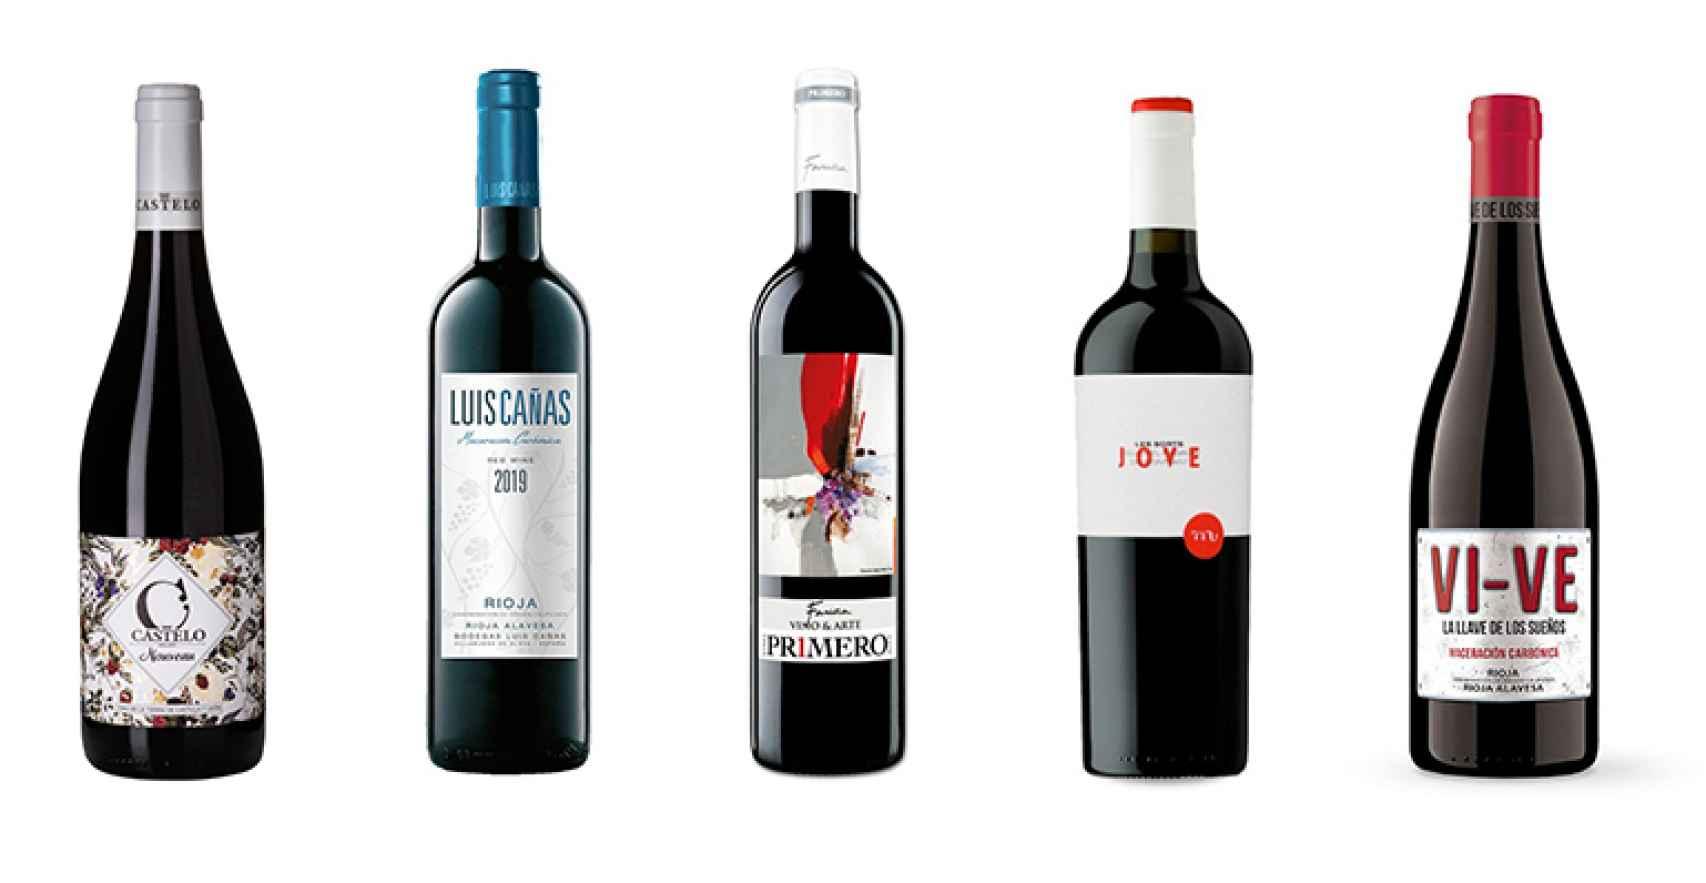 Cinco vinos fantásticos y económicos con maceración carbónica.